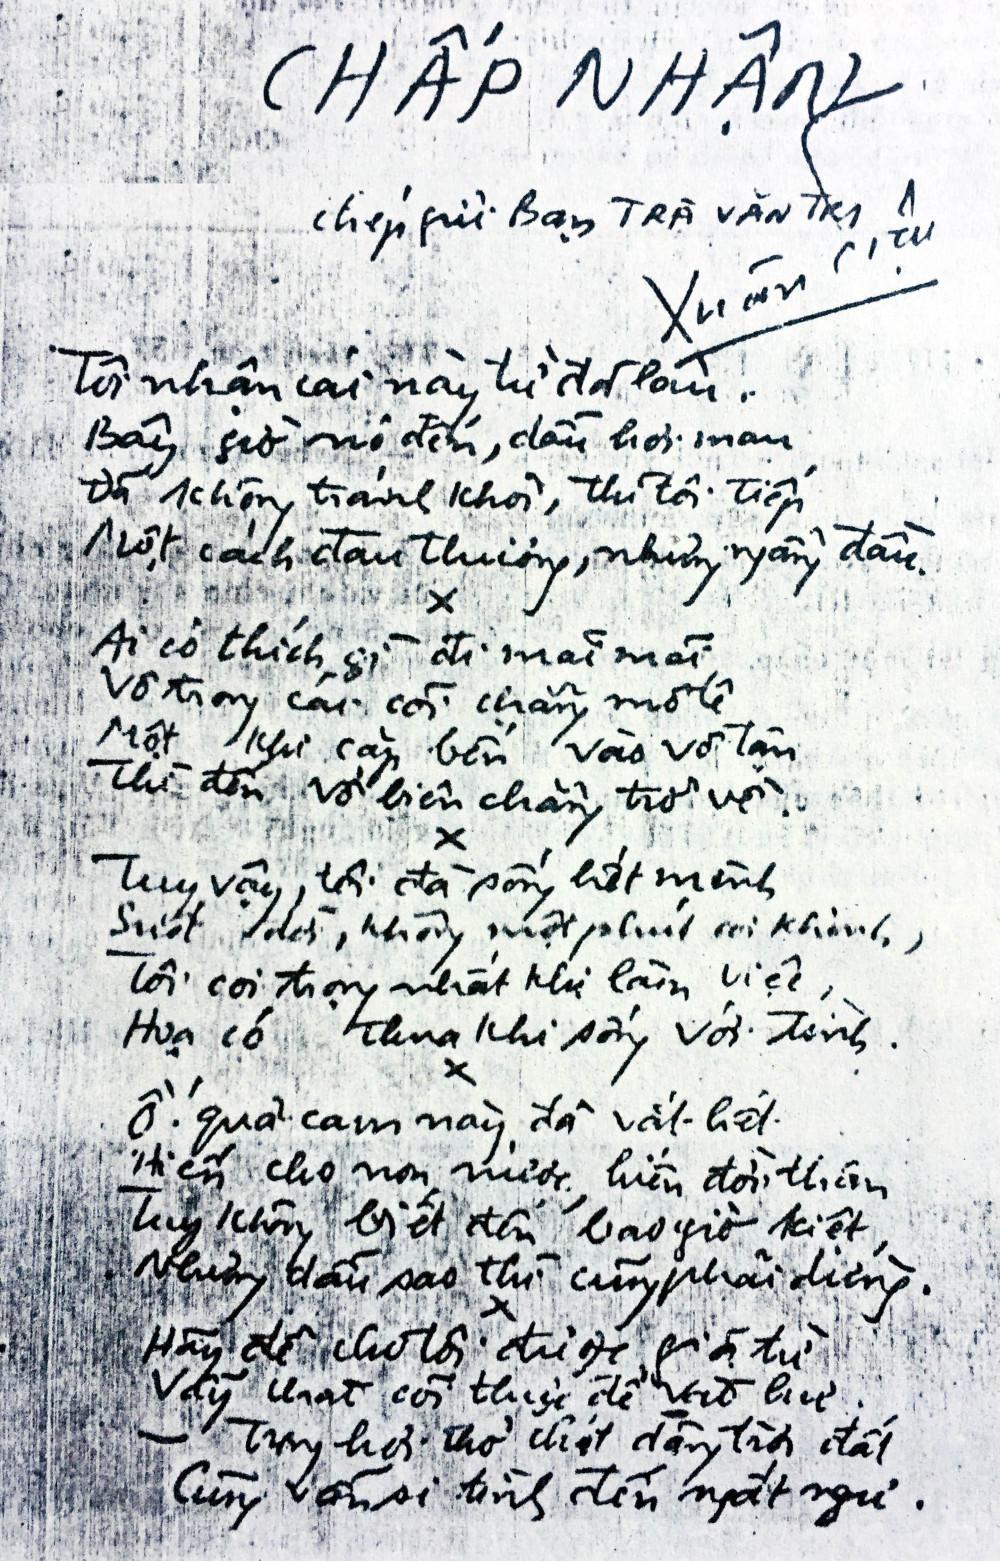 Bút tích Xuân Diệu tặng bài thơ Chấp nhận cho bác sĩ Trà Văn Trí